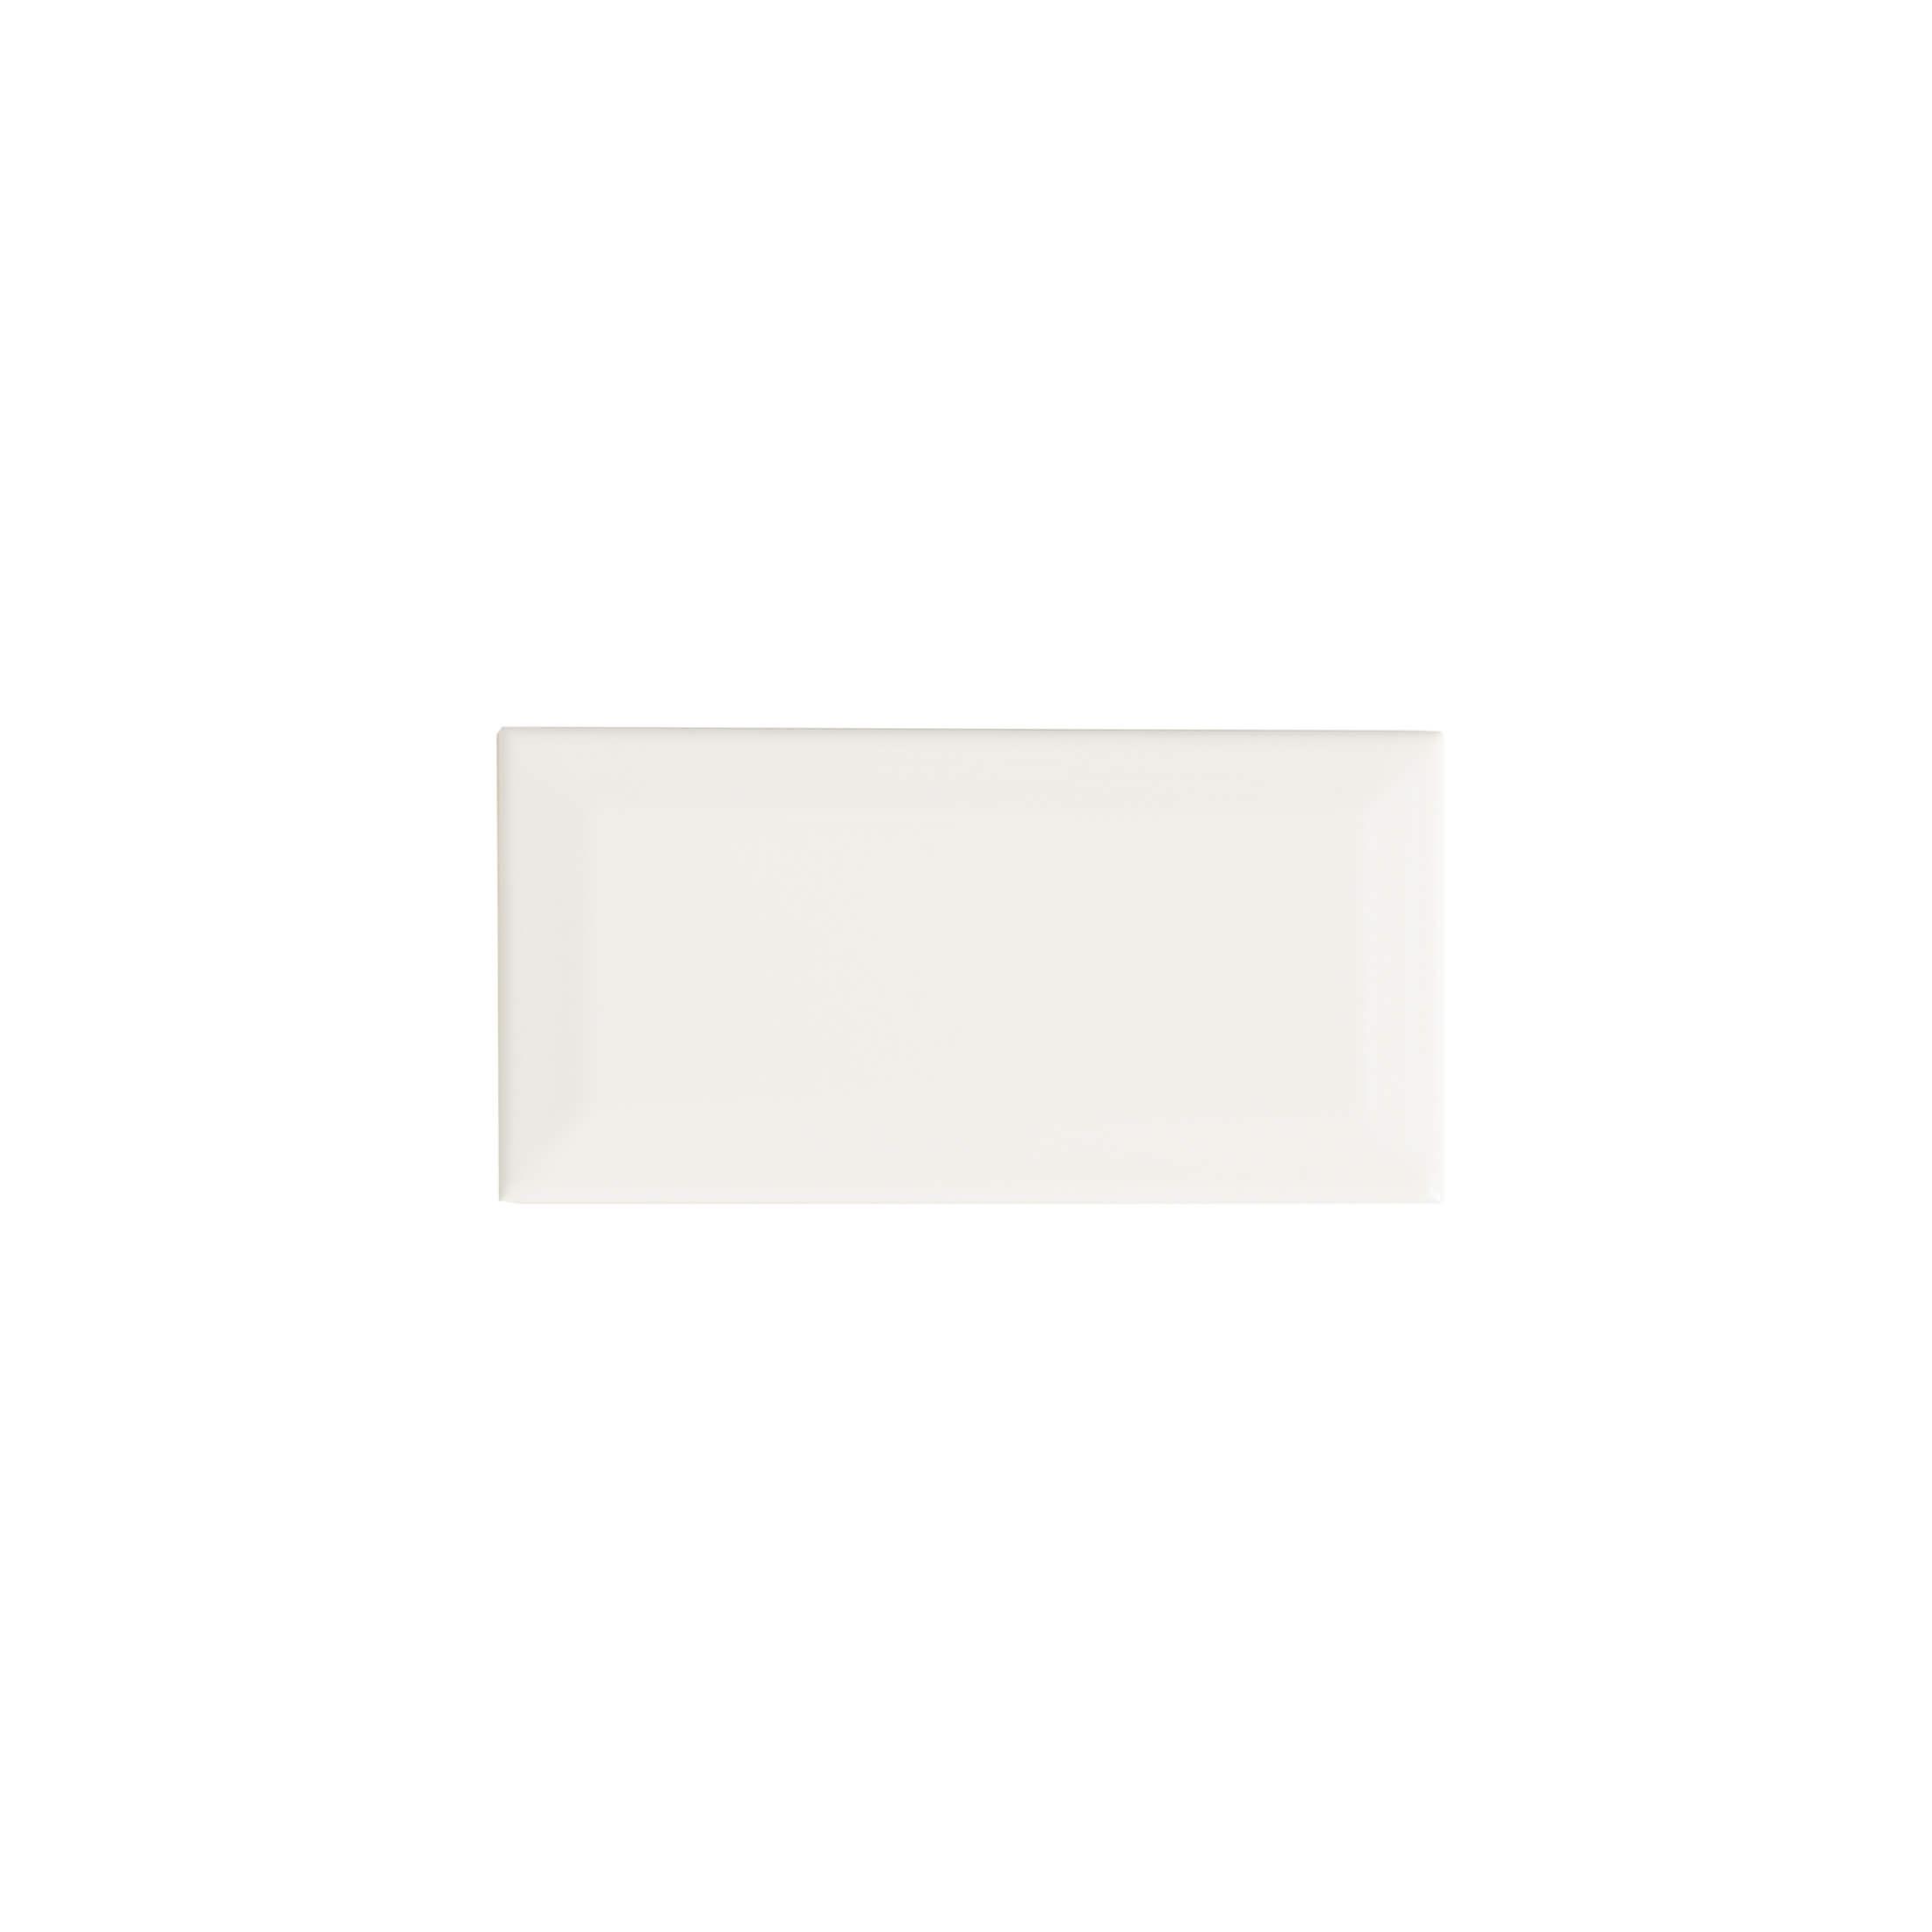 ADEX-ADNE2018-BISELADO-PB  -7.5 cm-15 cm-NERI>BISCUIT